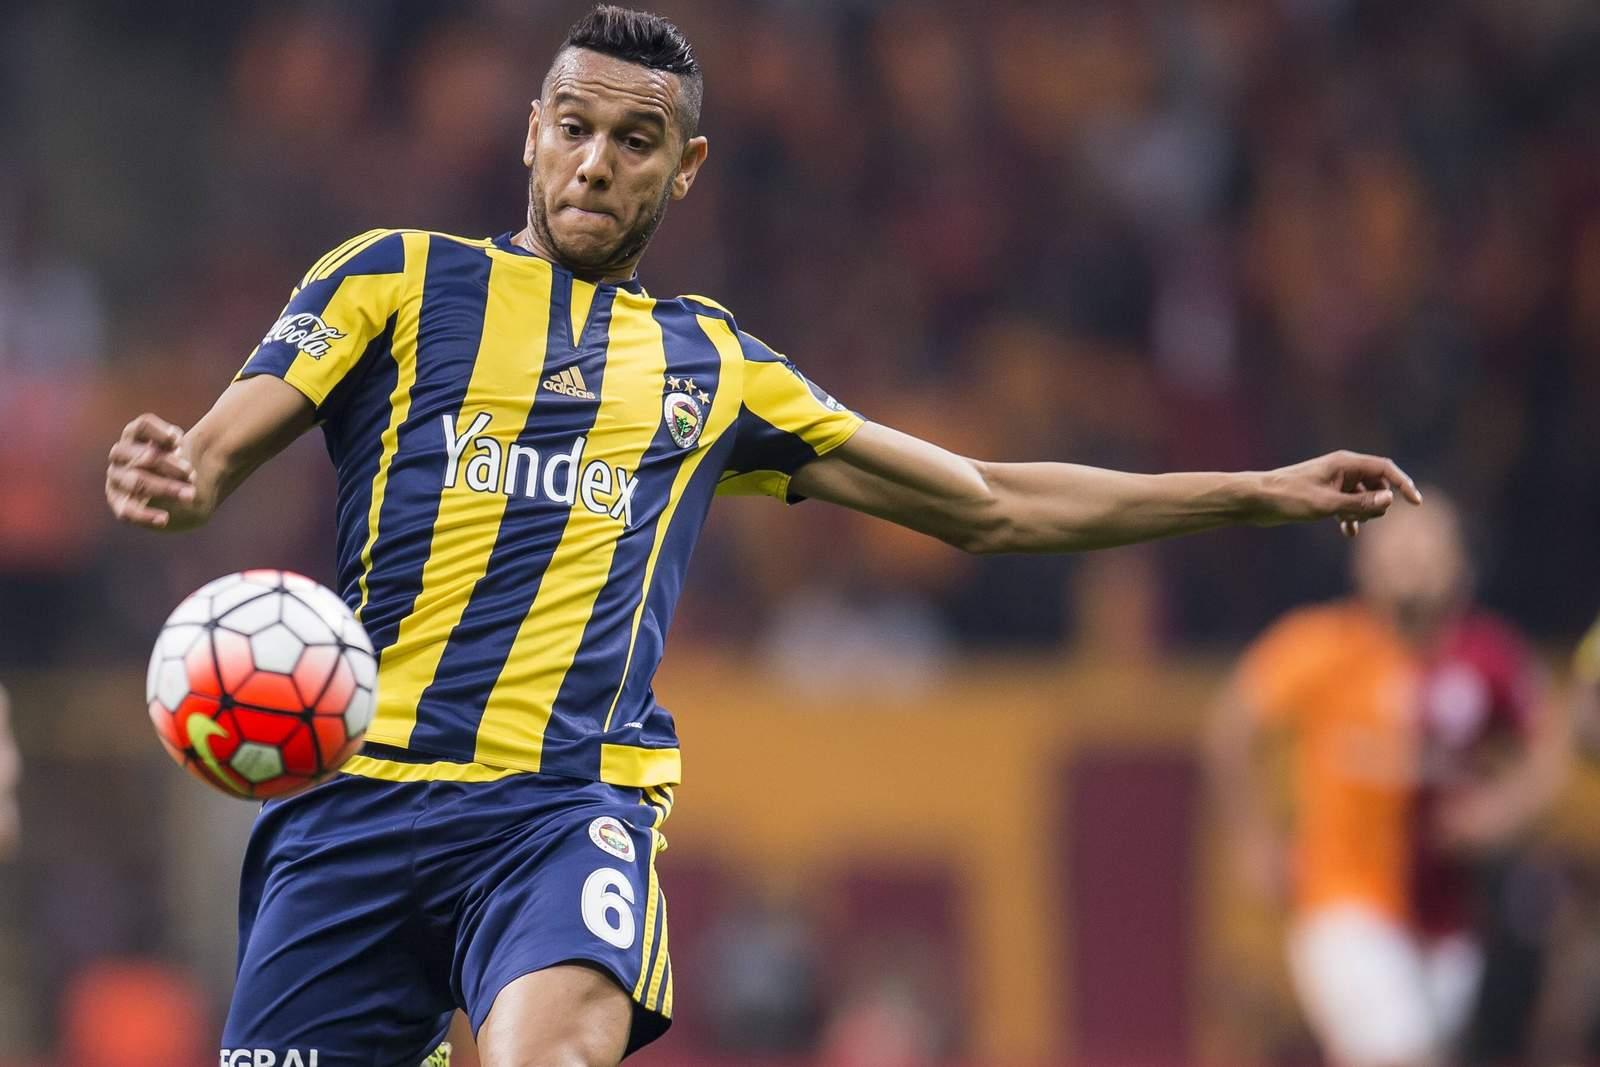 Josef de Souza zieht ab. Jetzt auf Krasnodar gegen Fenerbahce wetten!